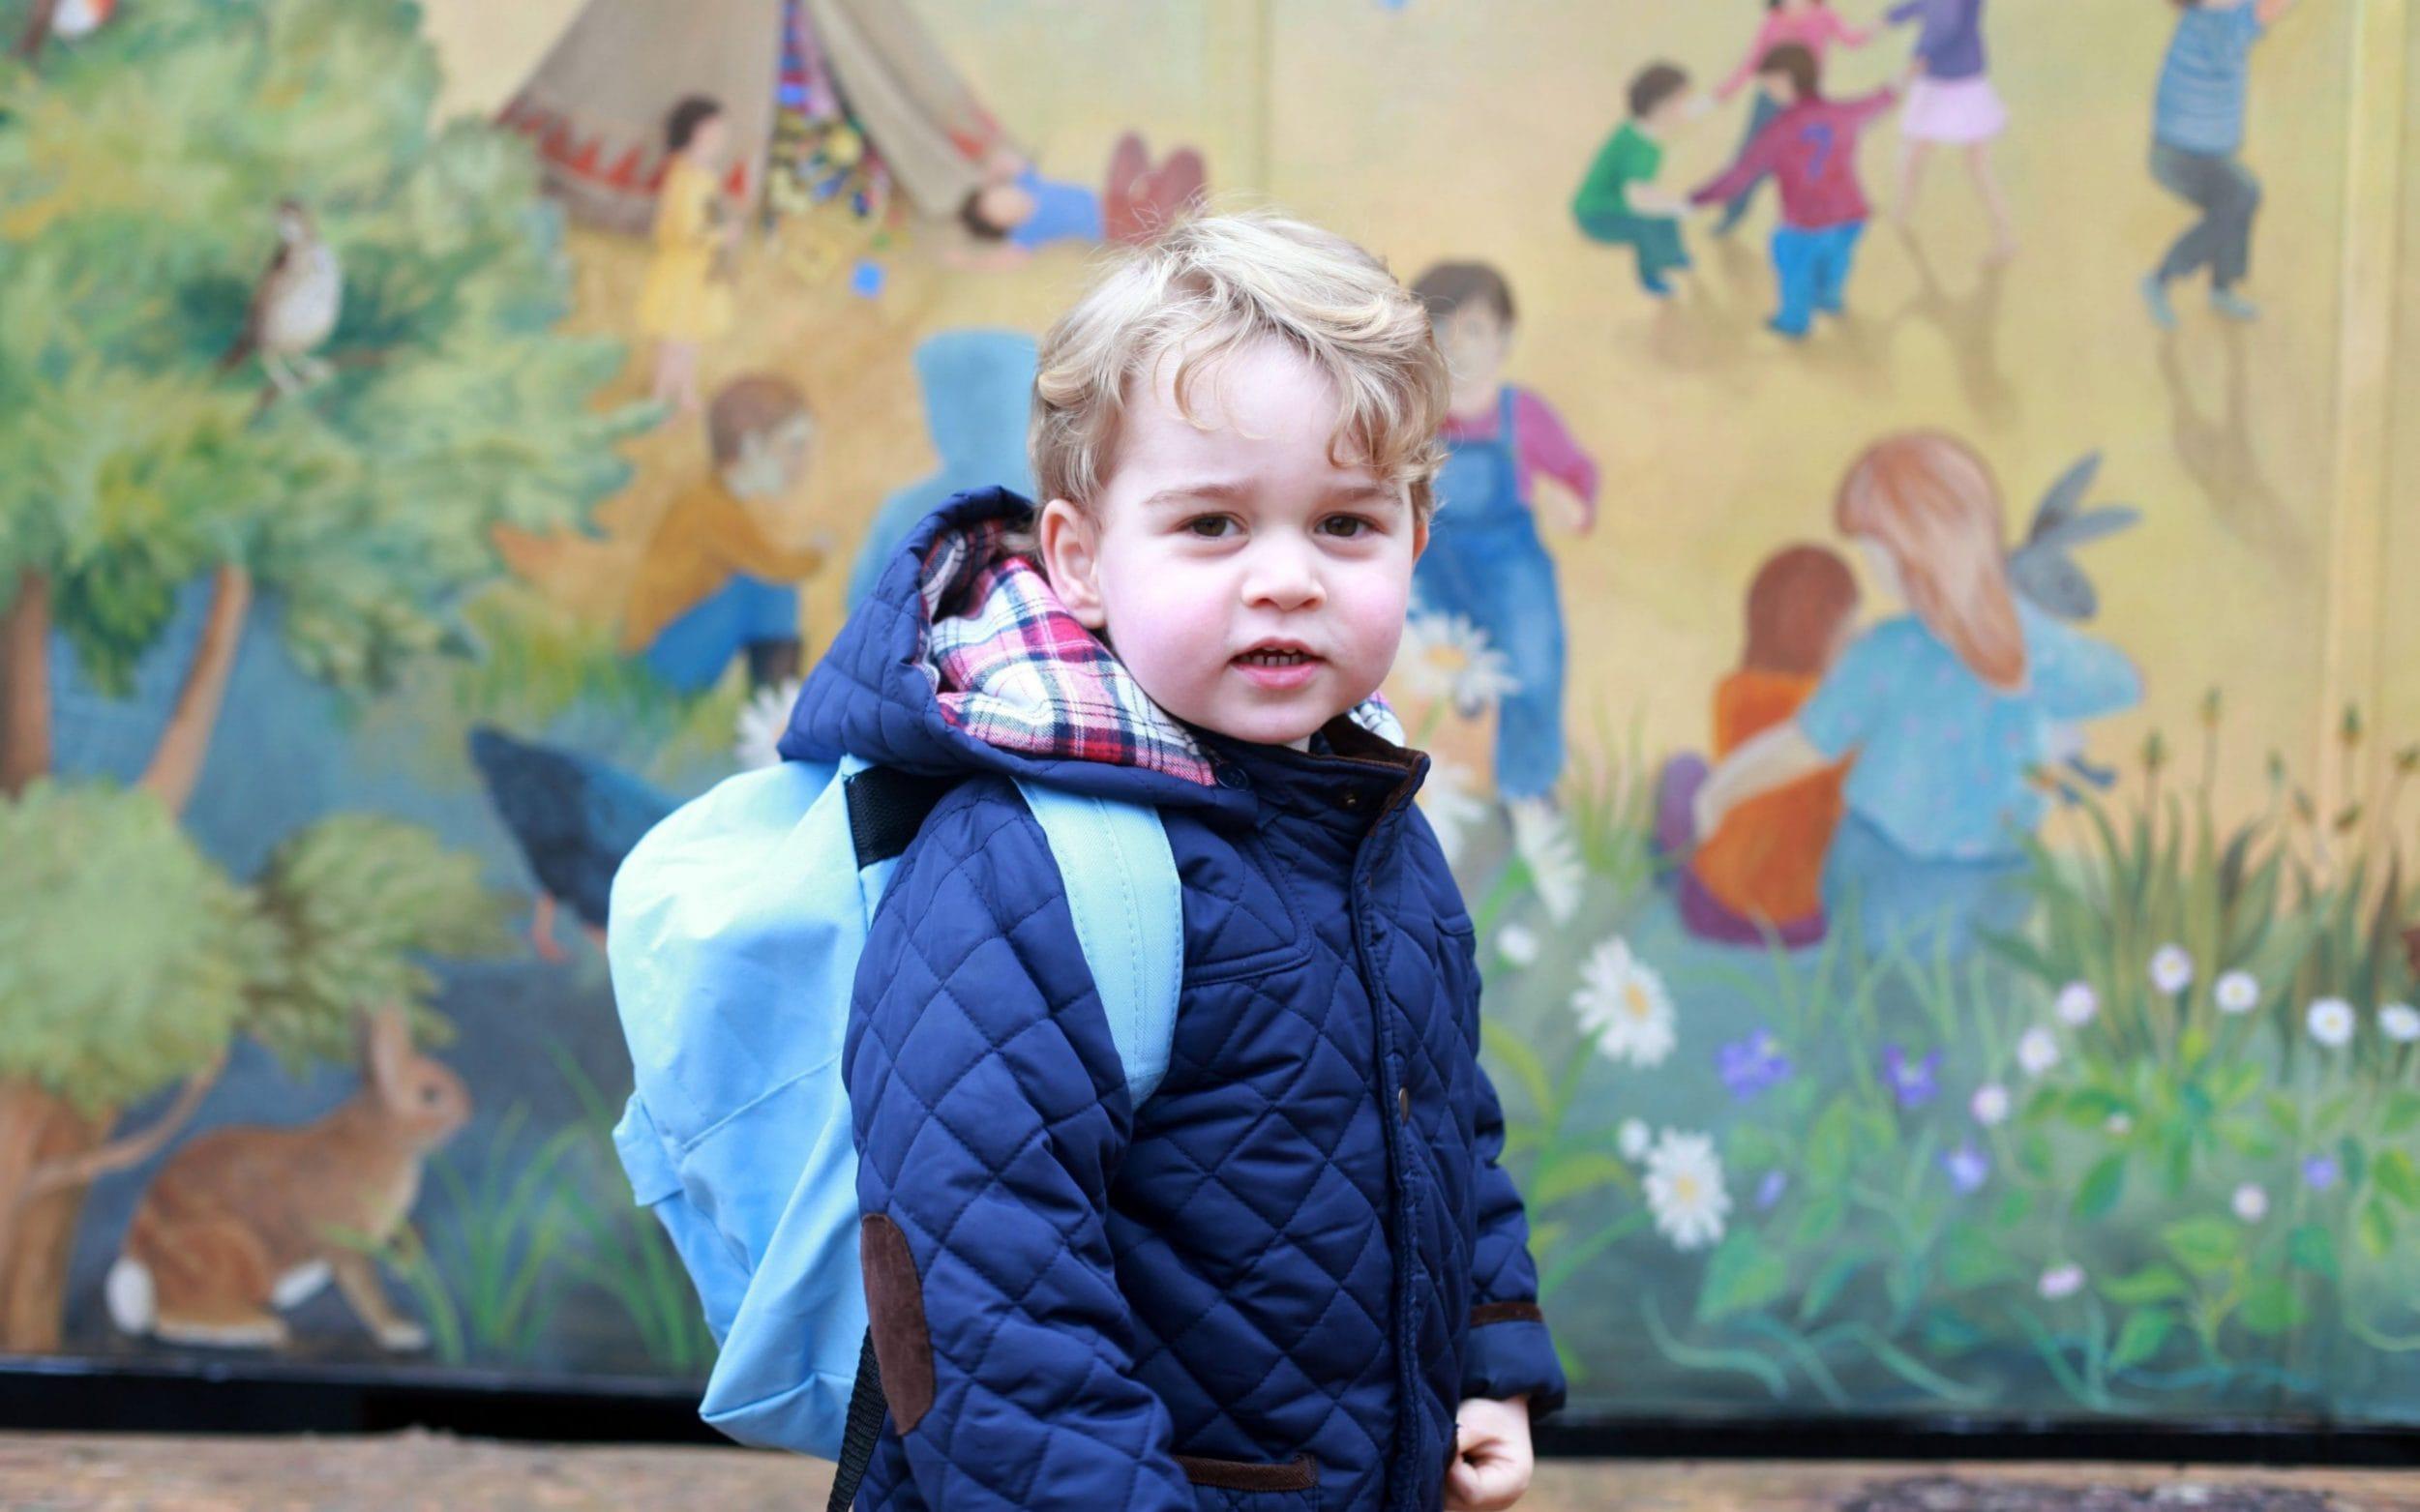 Prince George starts nursery